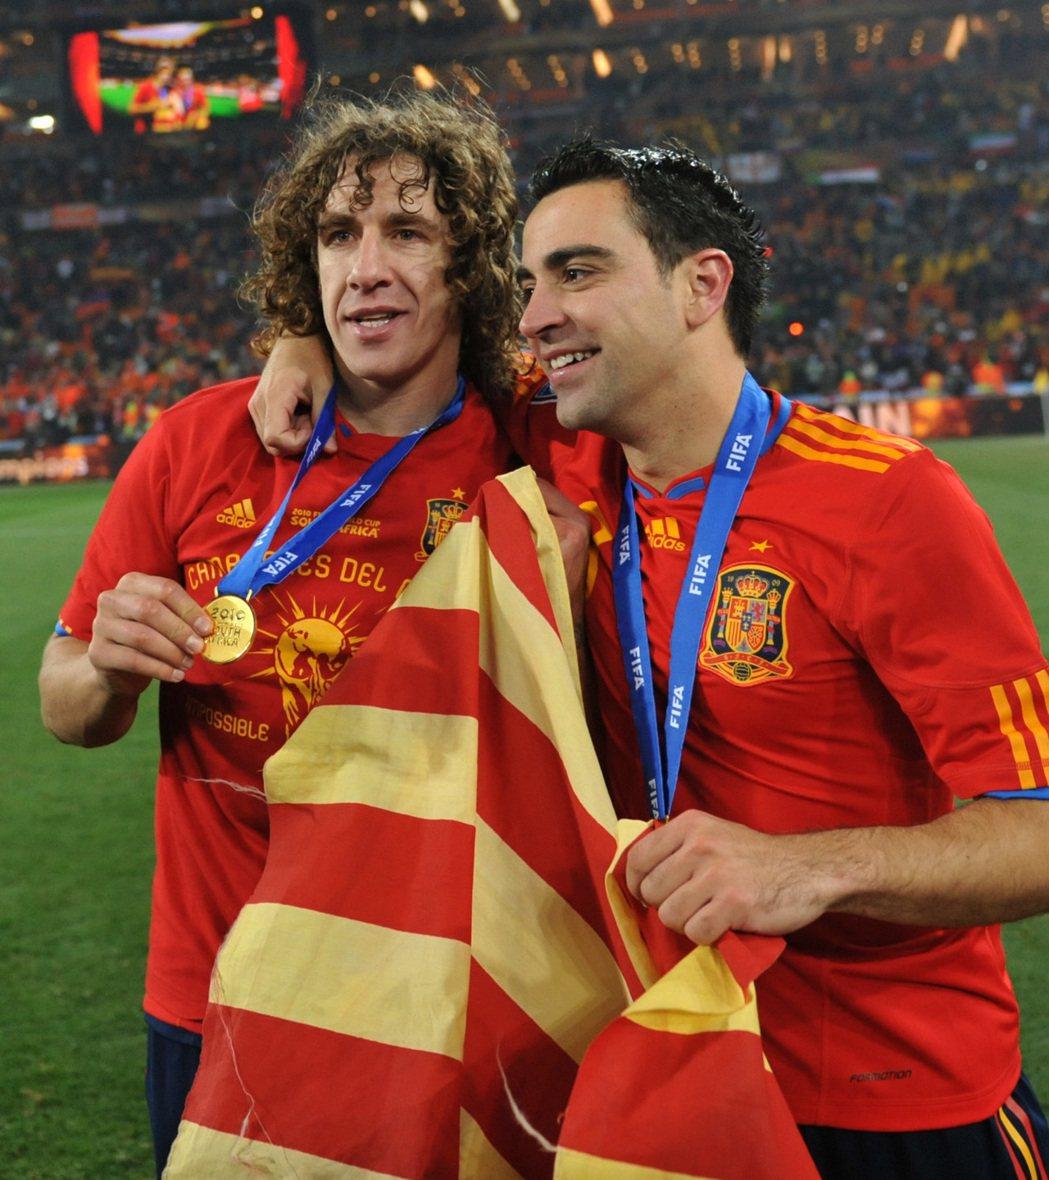 2010年世界杯足球賽決賽對陣荷蘭,西班牙奪冠後,球員普約爾(左)和哈維手持加泰...